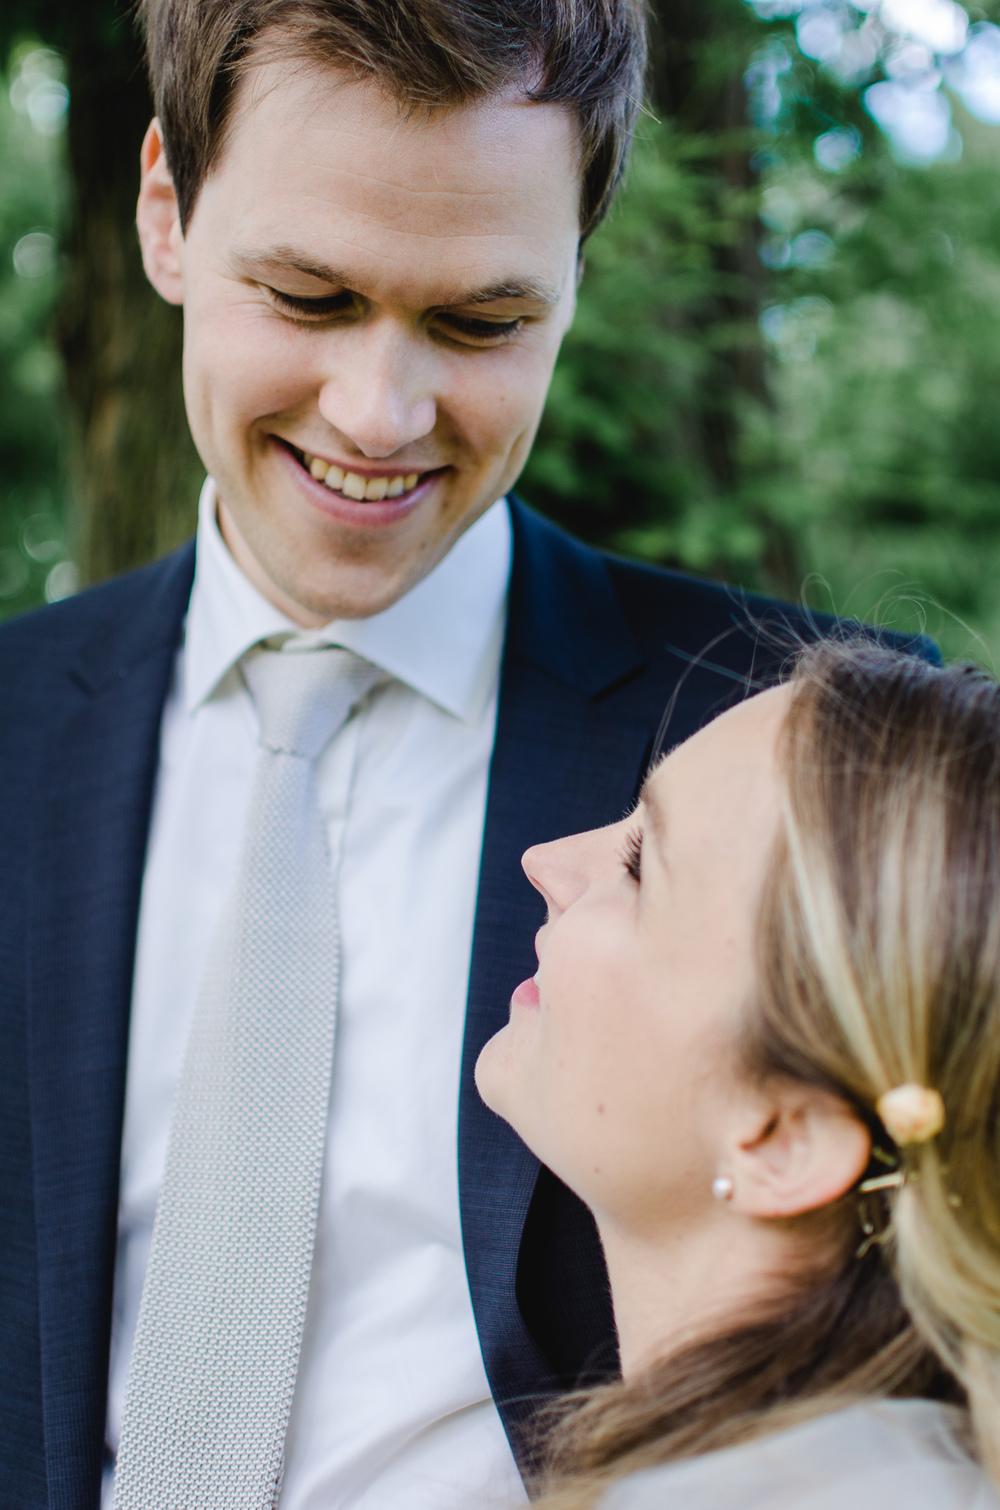 20150905_wedding_hochzeit_torhaus_münster_christoph_schlein-0449.jpg